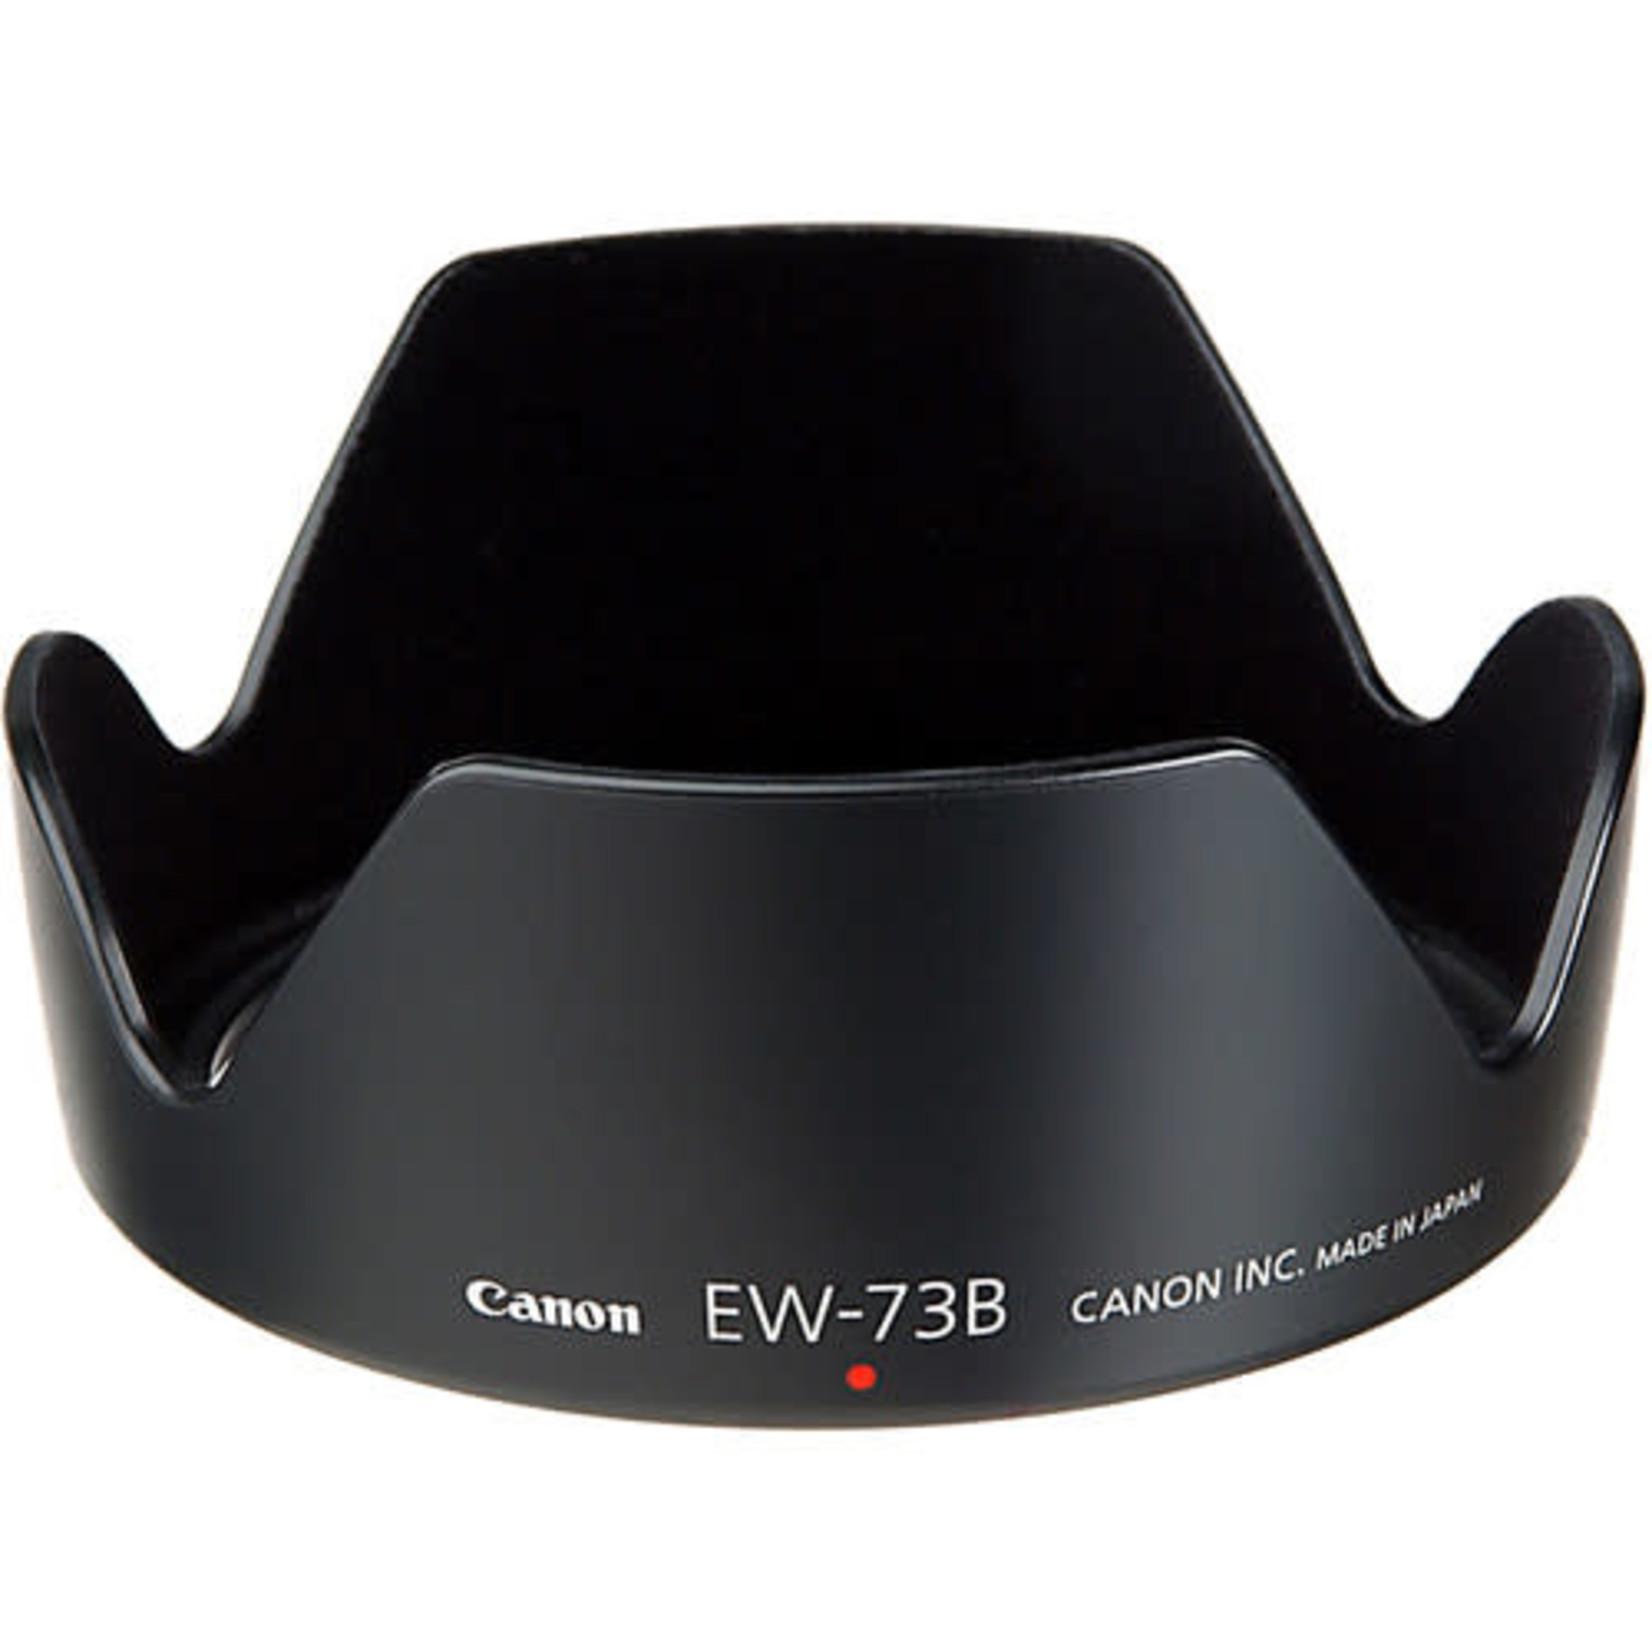 Canon Canon EW-73B Lens Hood